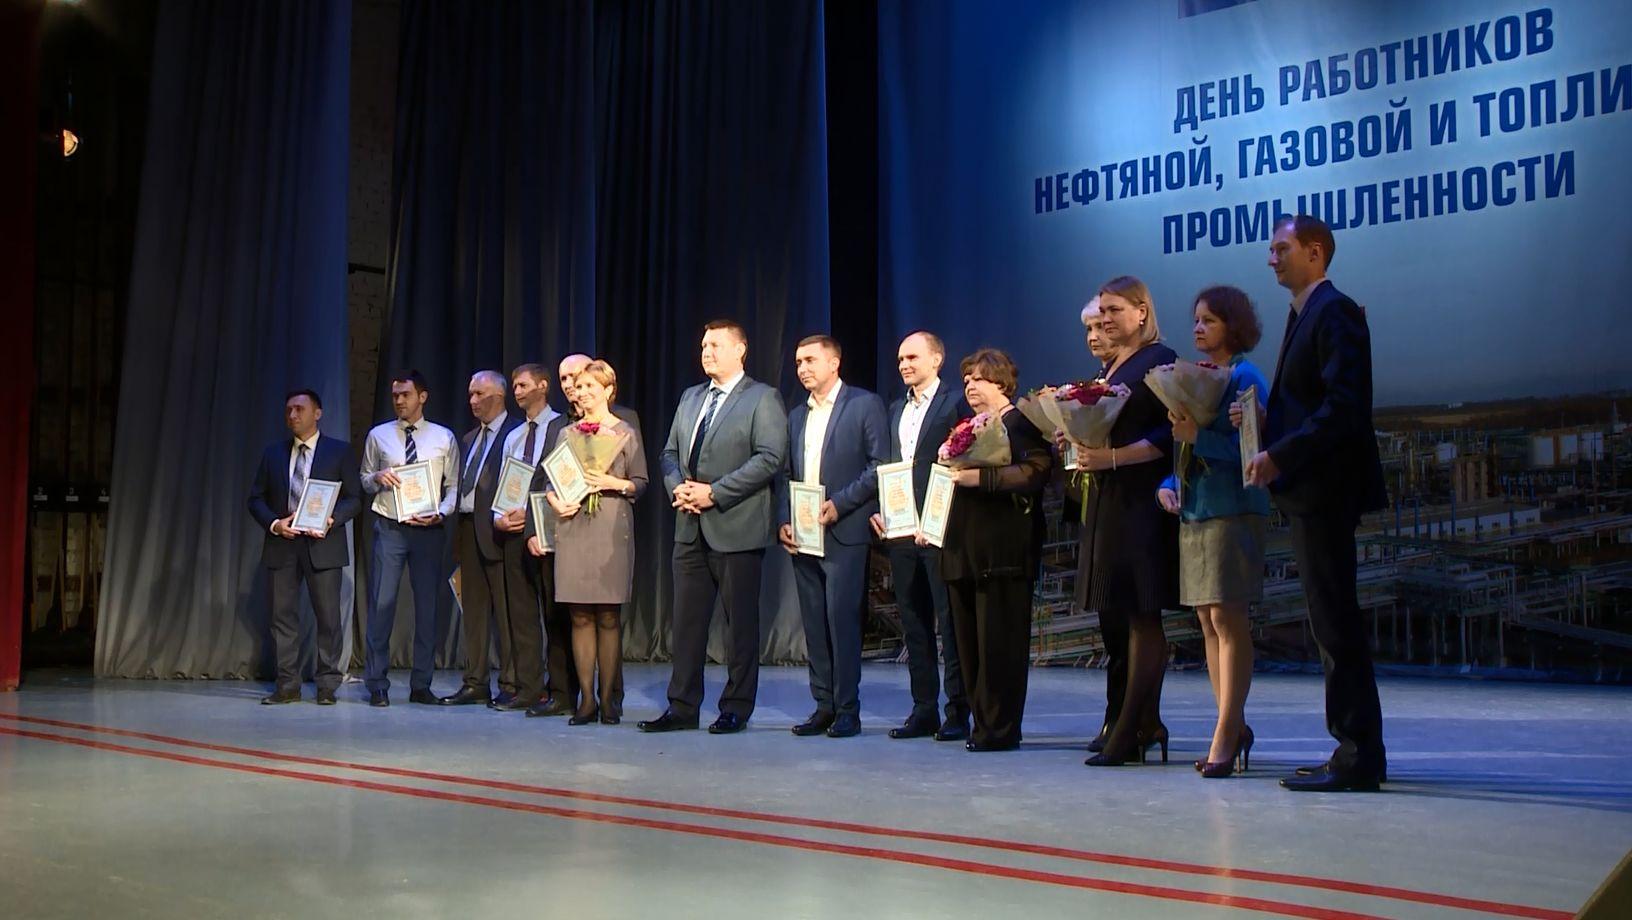 Ярославцы отметили День нефтяника